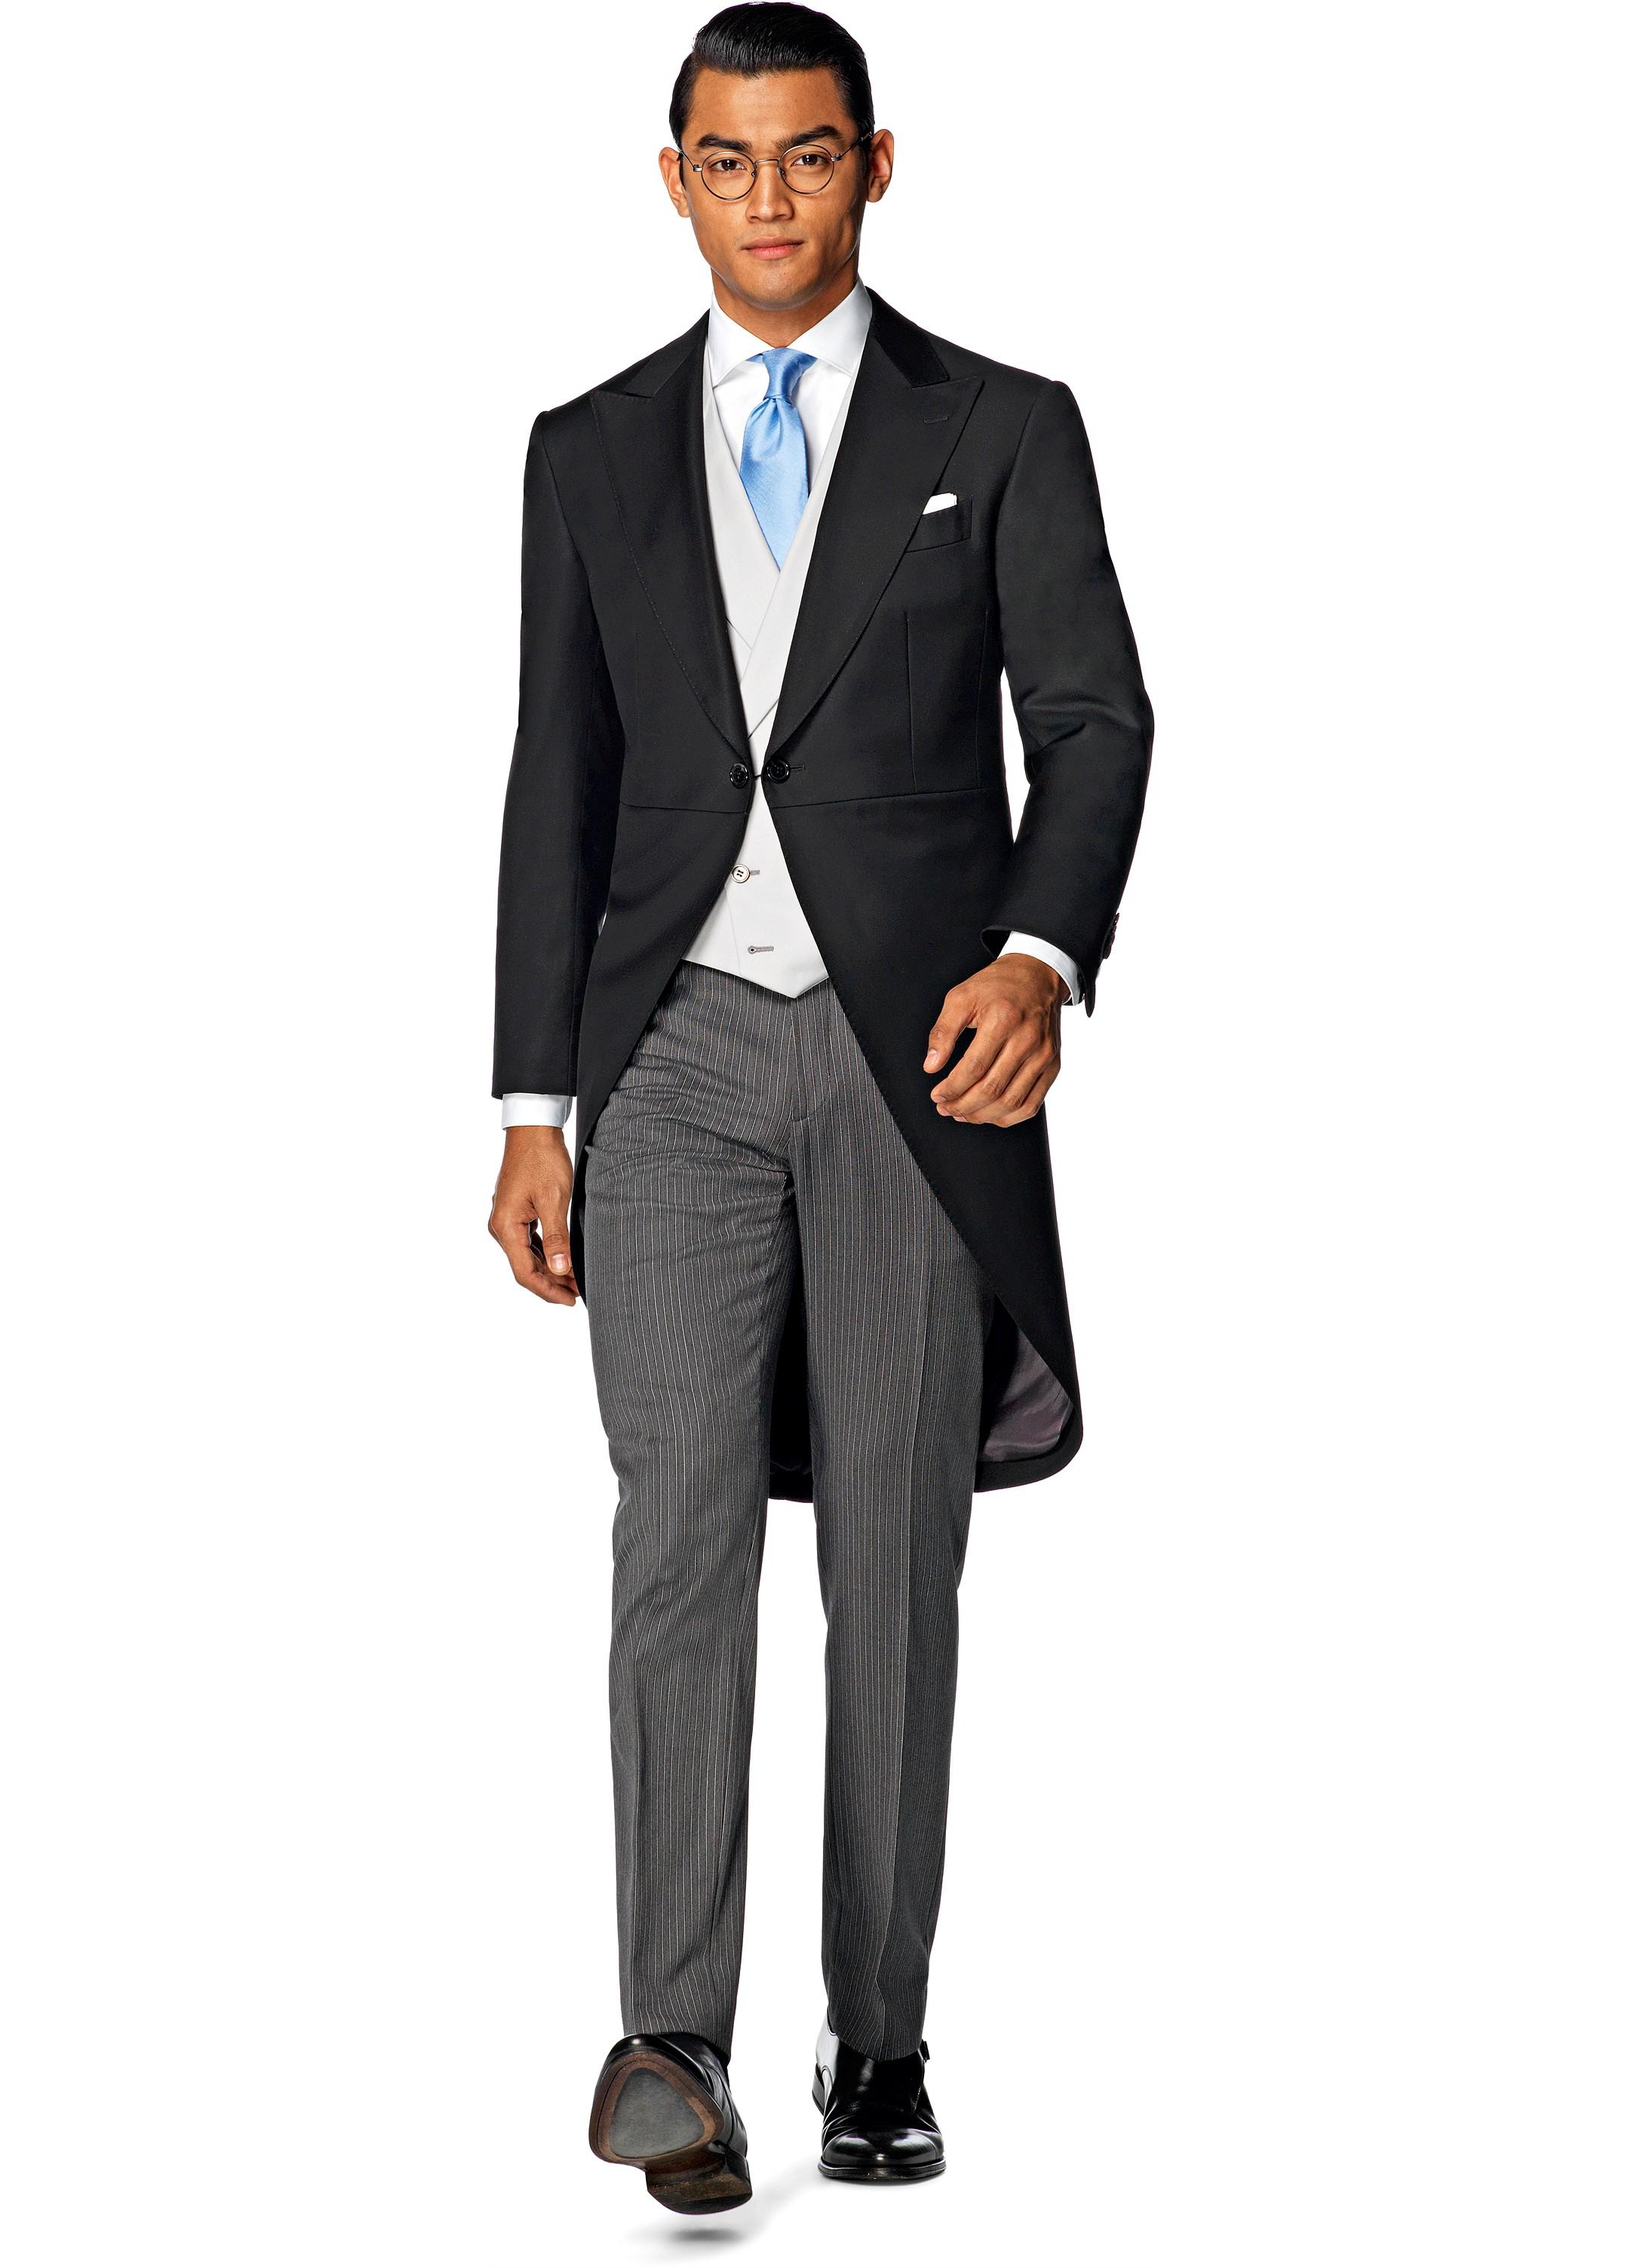 Suit Black Plain Morning Dress Jacq006 | Suitsupply Online Store